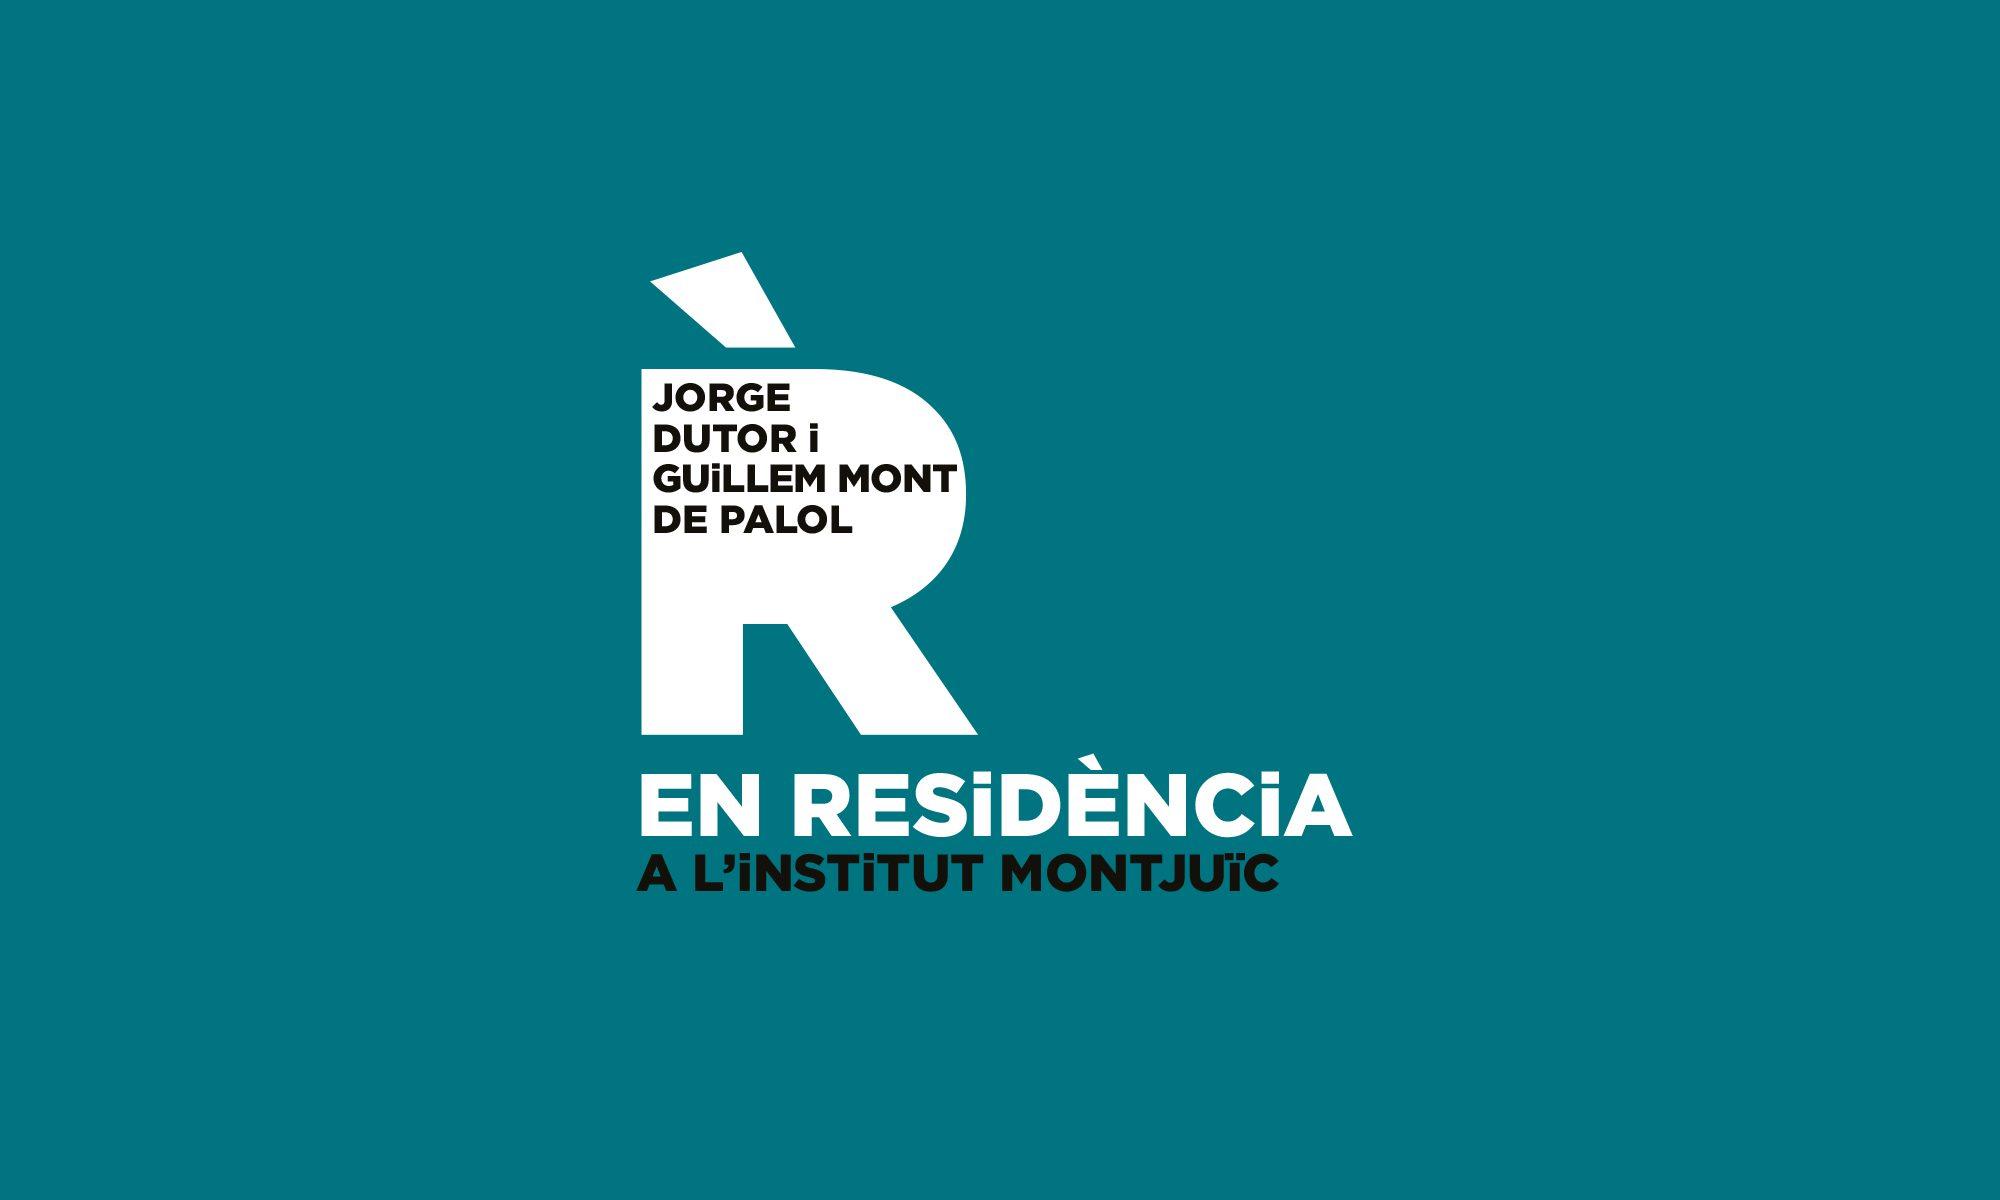 Jorge Dutor i Guillem Mont de Palol EN RESiDÈNCiA al Montjuïc